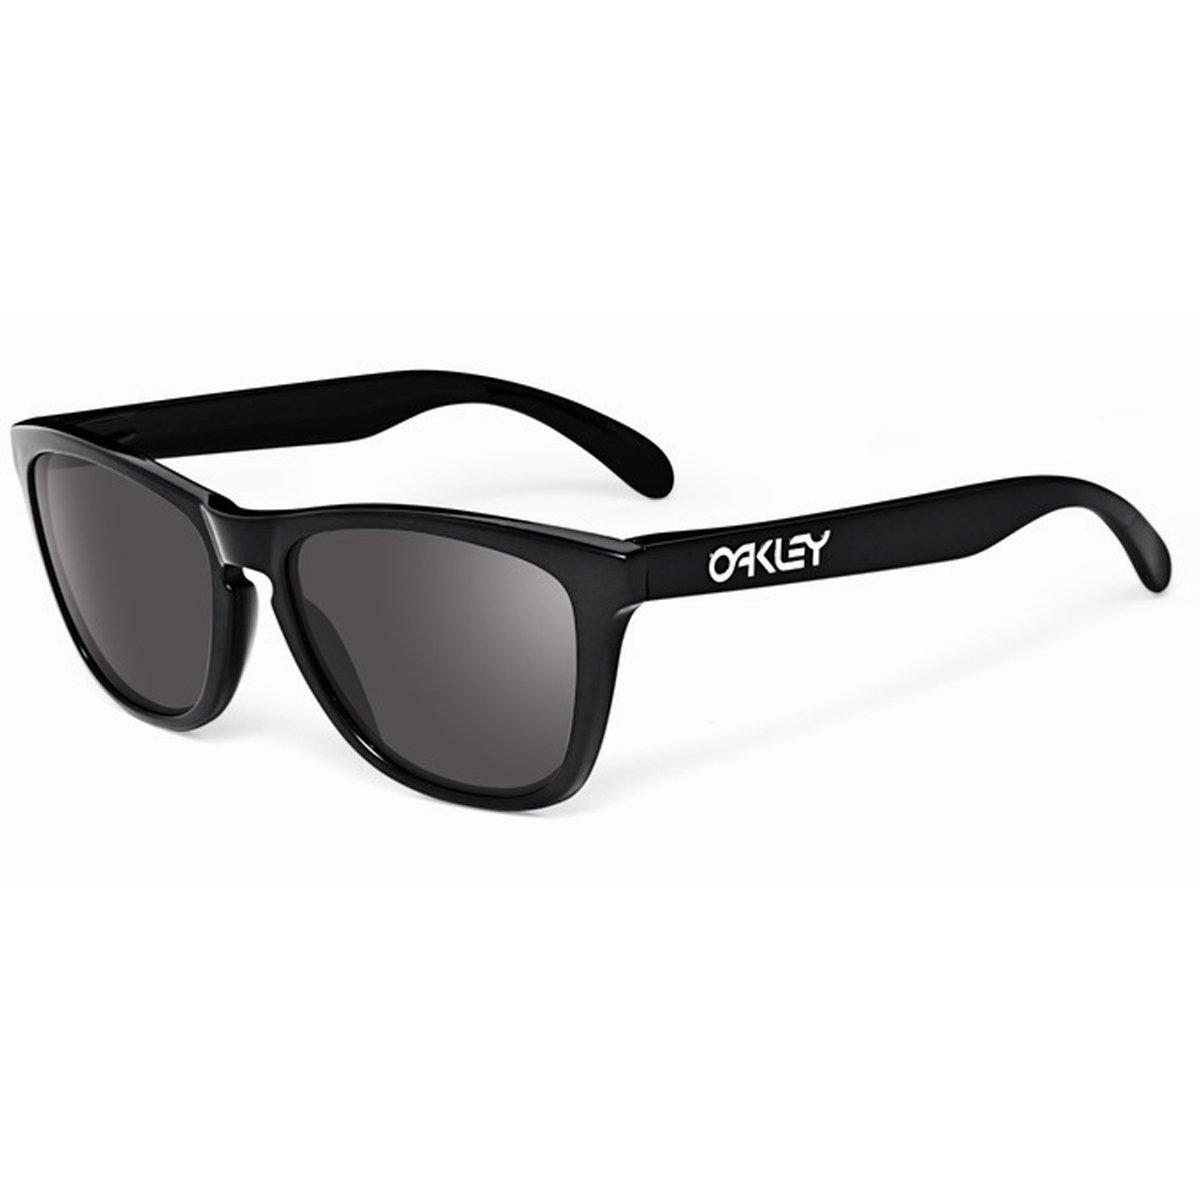 b181e441e5a1e Óculos Oakley Frogskins - Preto - Compre Agora